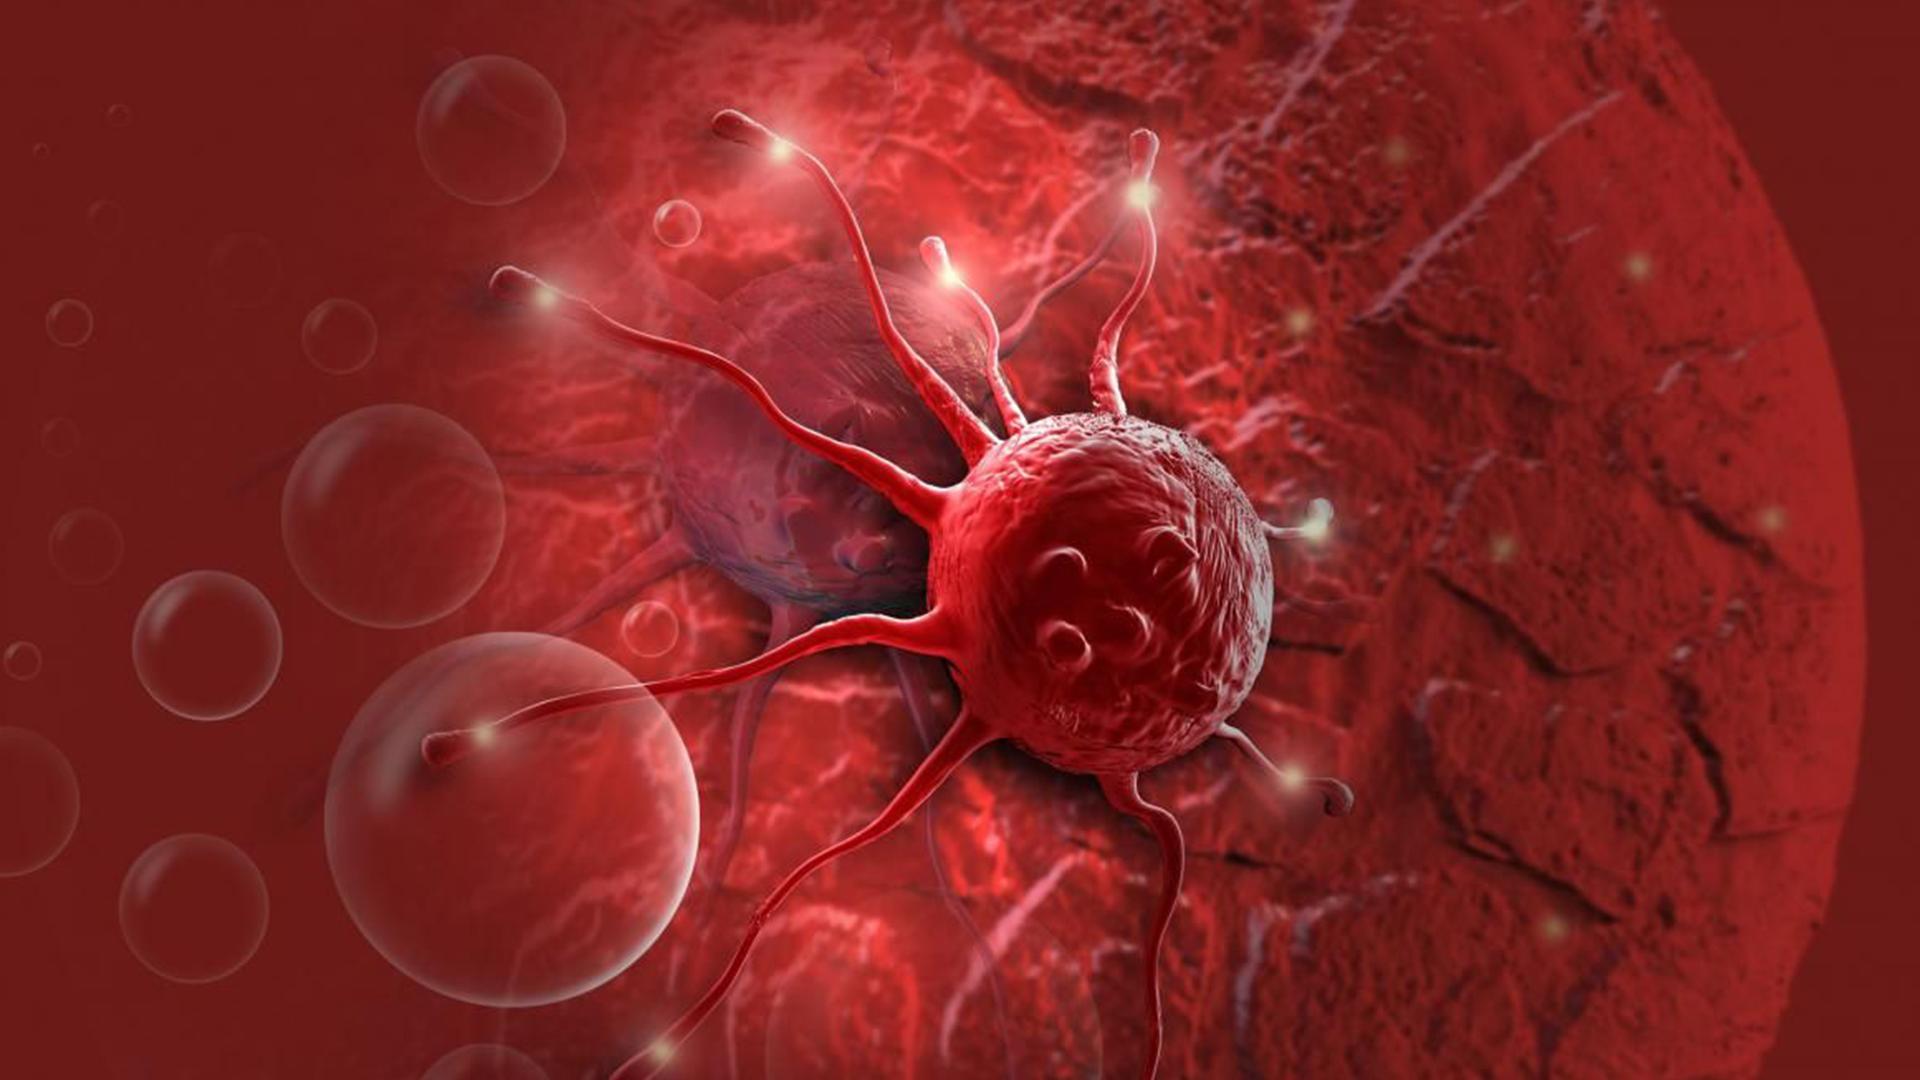 O que é o câncer? Tudo o que você precisa saber sobre essa doença